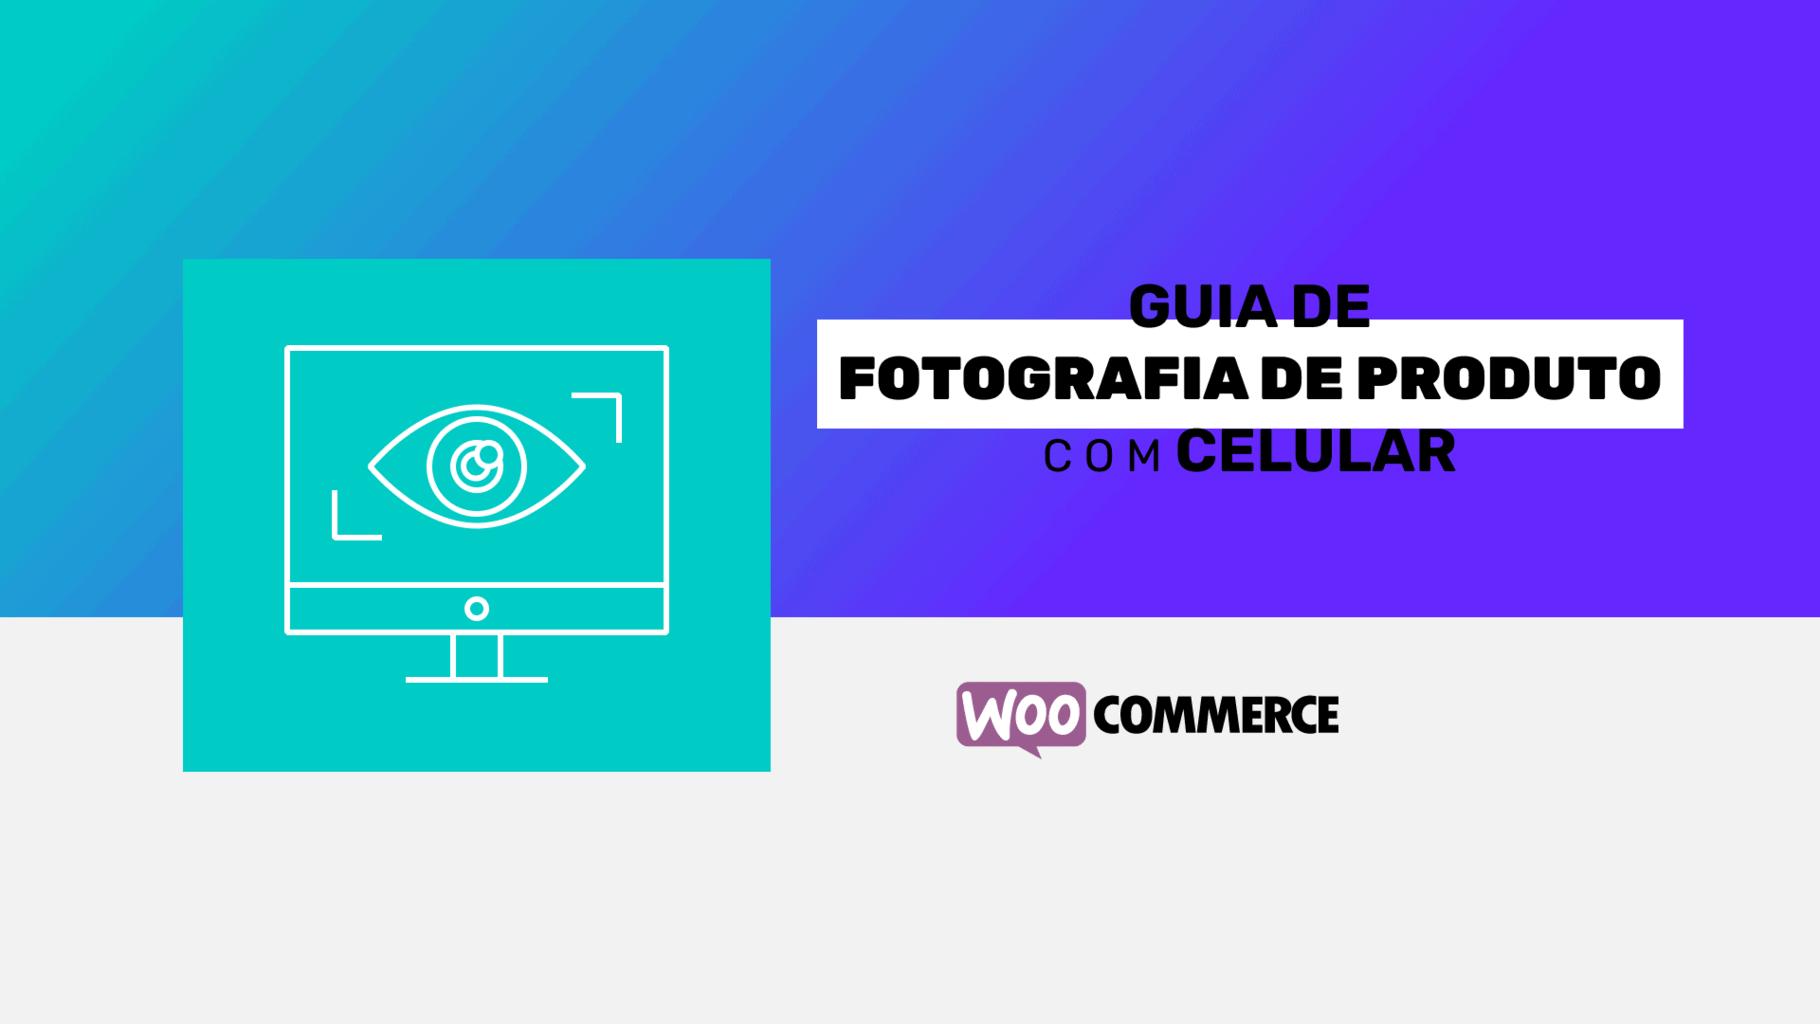 Guia de fotografia de produto com celular